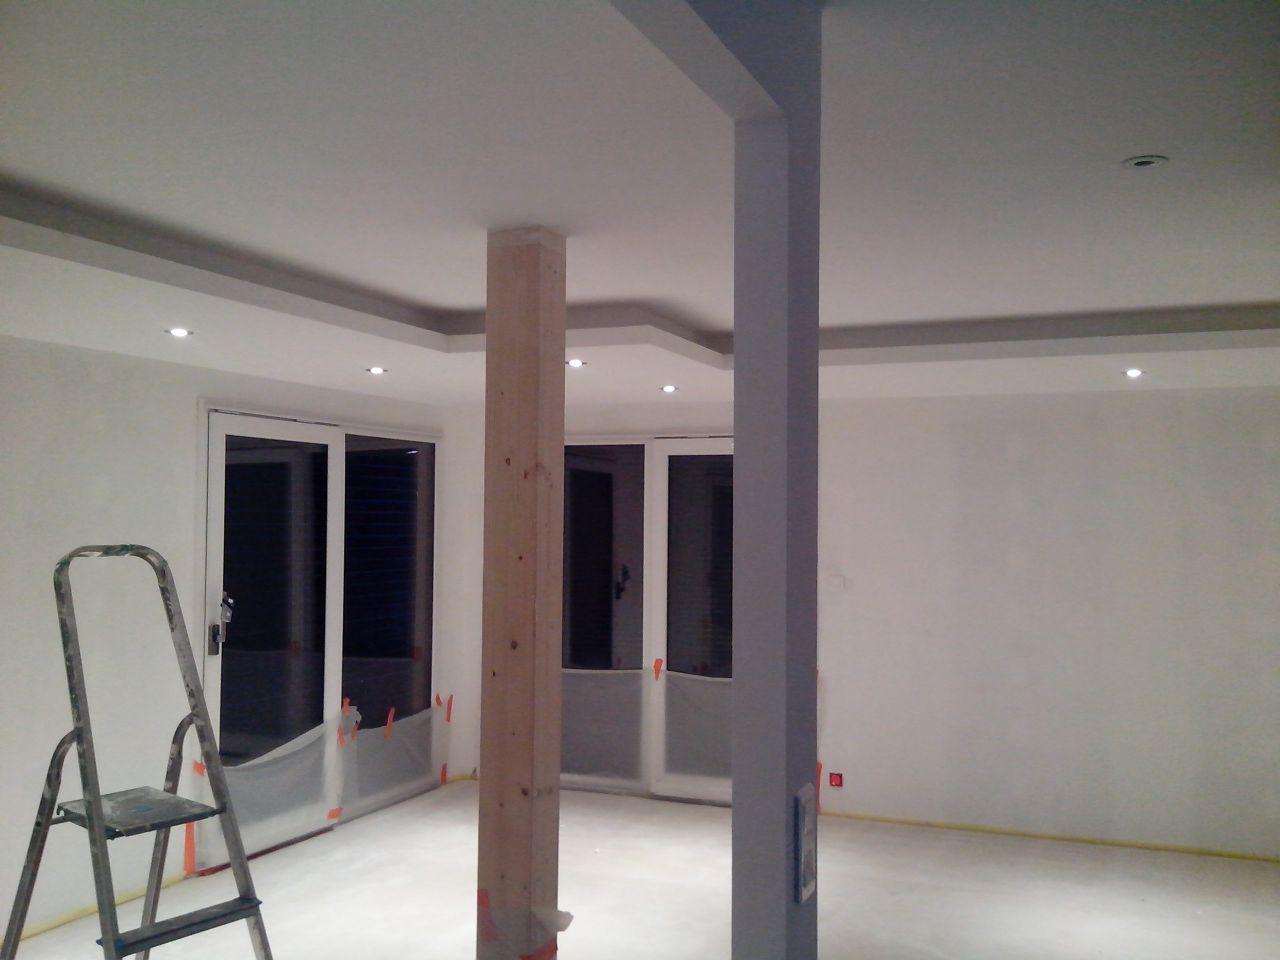 mousse pu au sol et plancher chauffant plafond lumineux suite de la chape liquide vosges. Black Bedroom Furniture Sets. Home Design Ideas